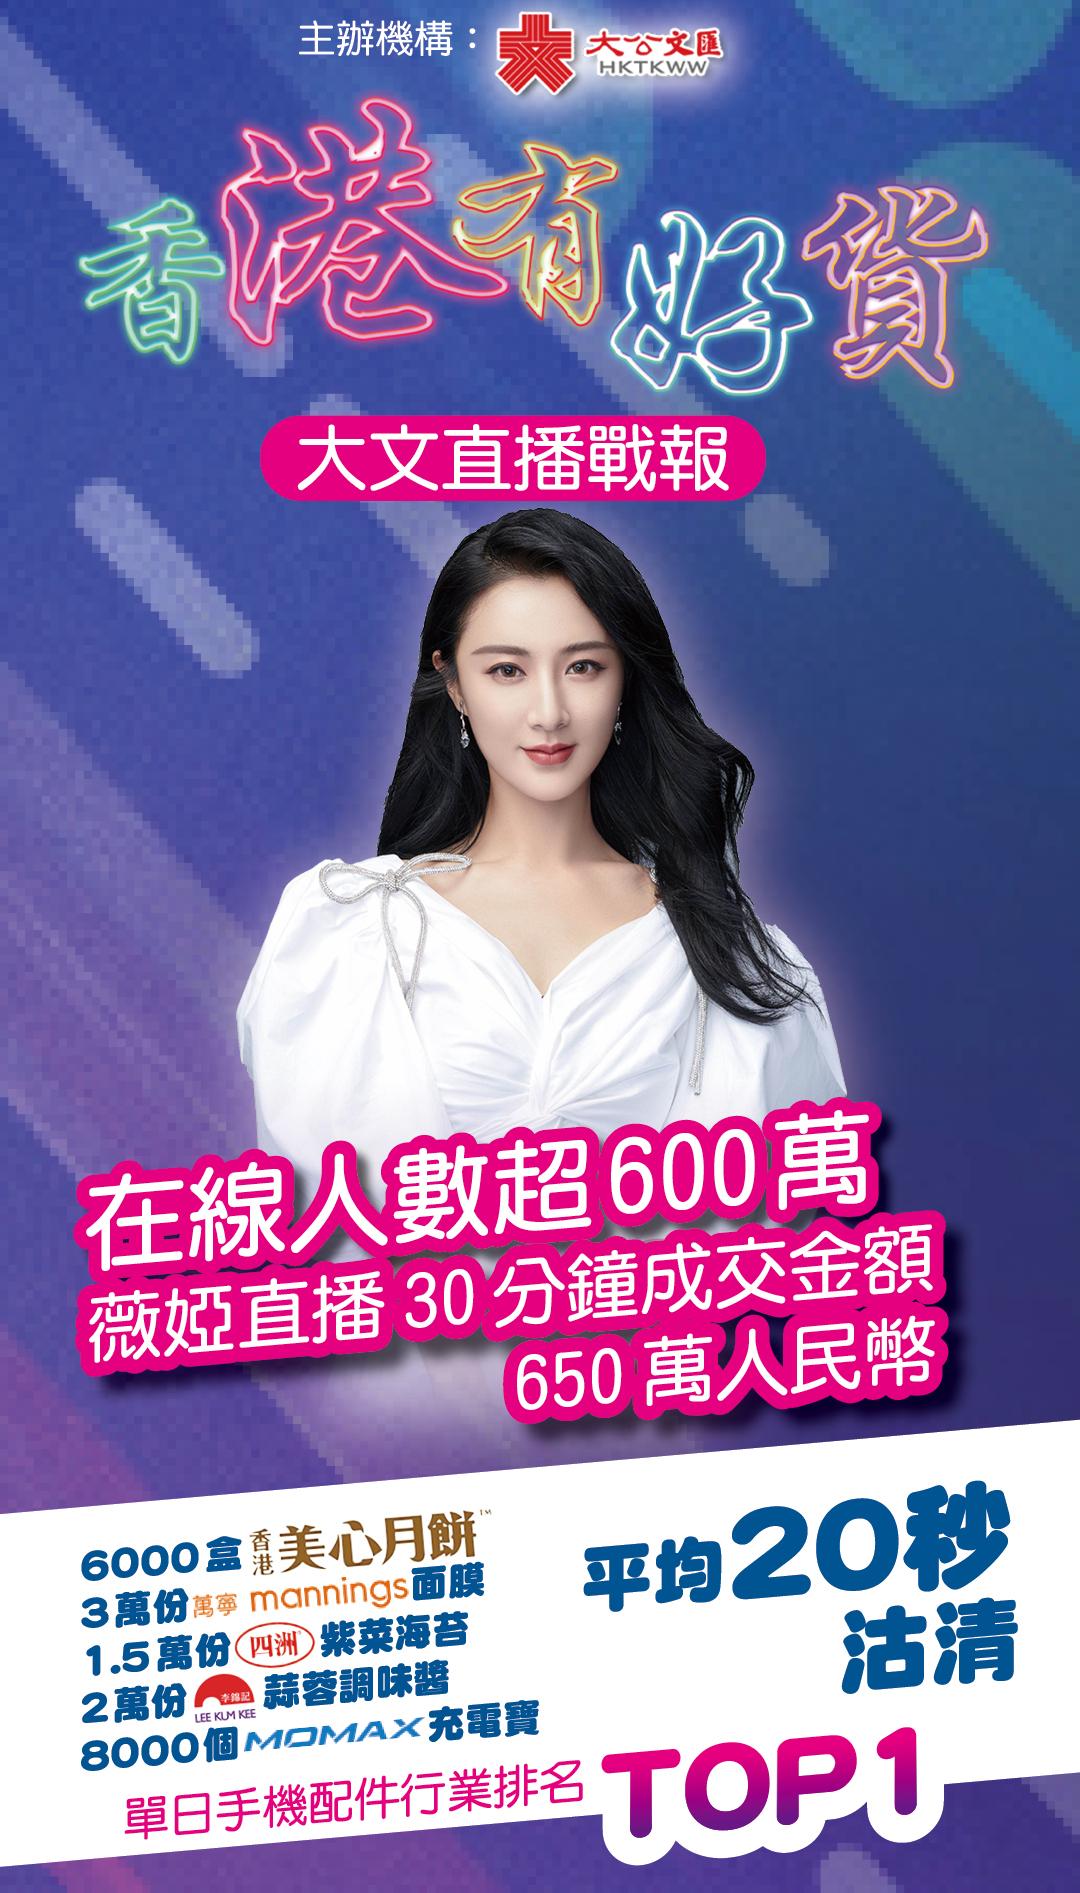 「香港有好貨」直播戰報 30分鐘成交650萬!